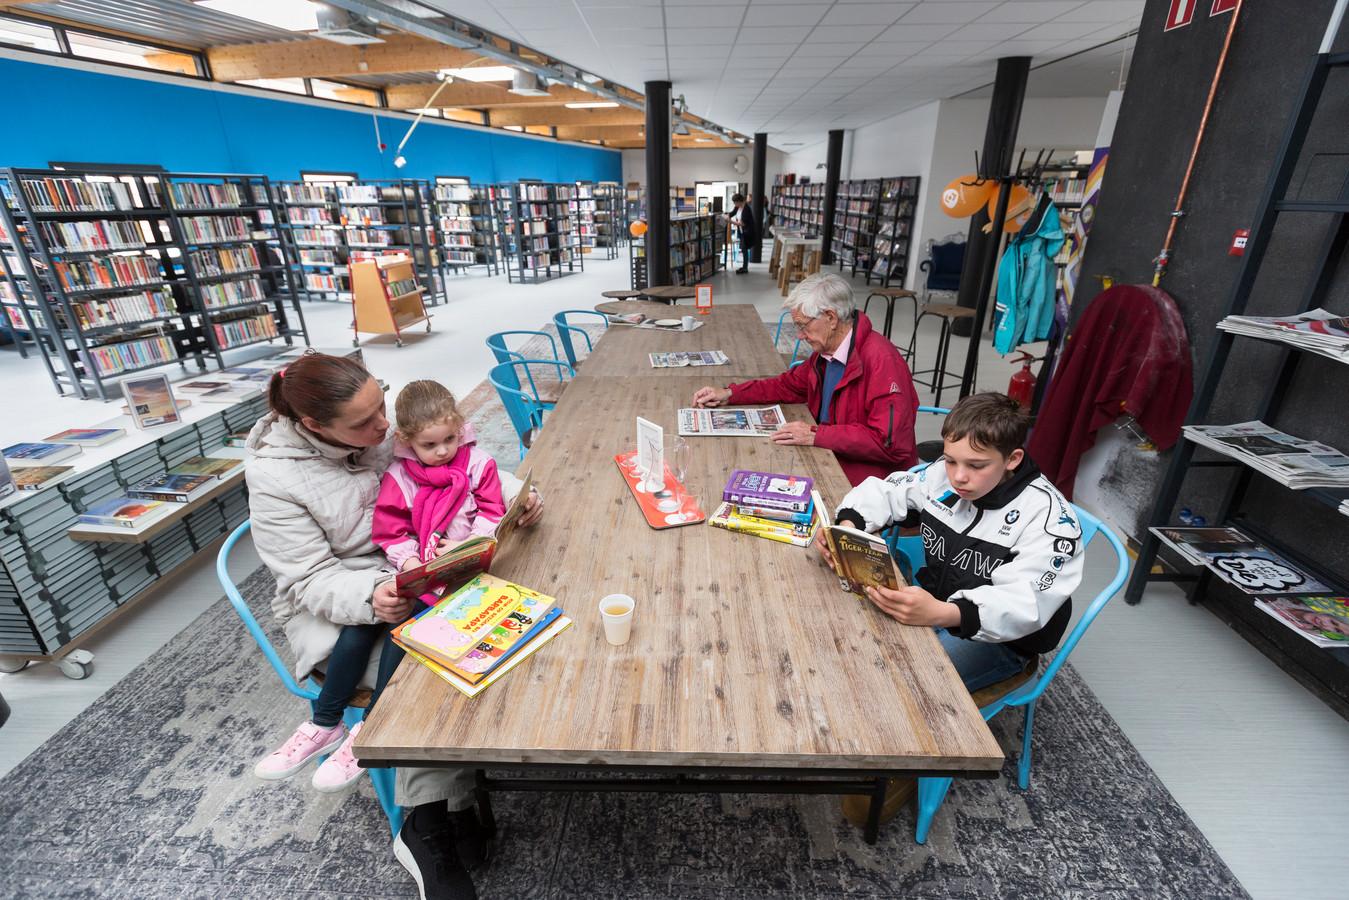 De bibliotheek in Westervoort.